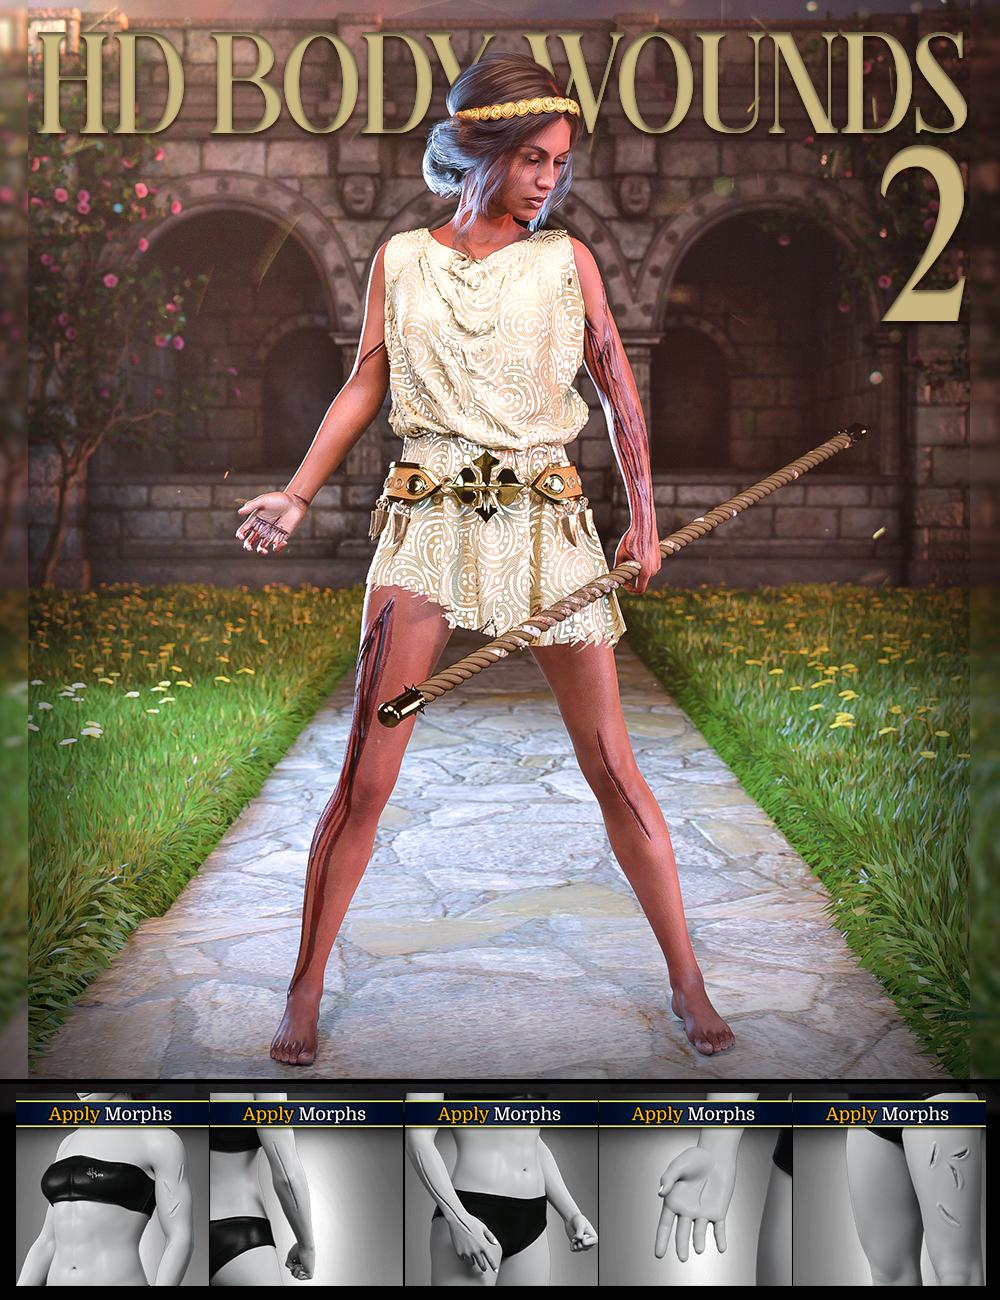 Body Wounds HD Morphs 2 for Genesis 8 Females by: FenixPhoenixEsid, 3D Models by Daz 3D